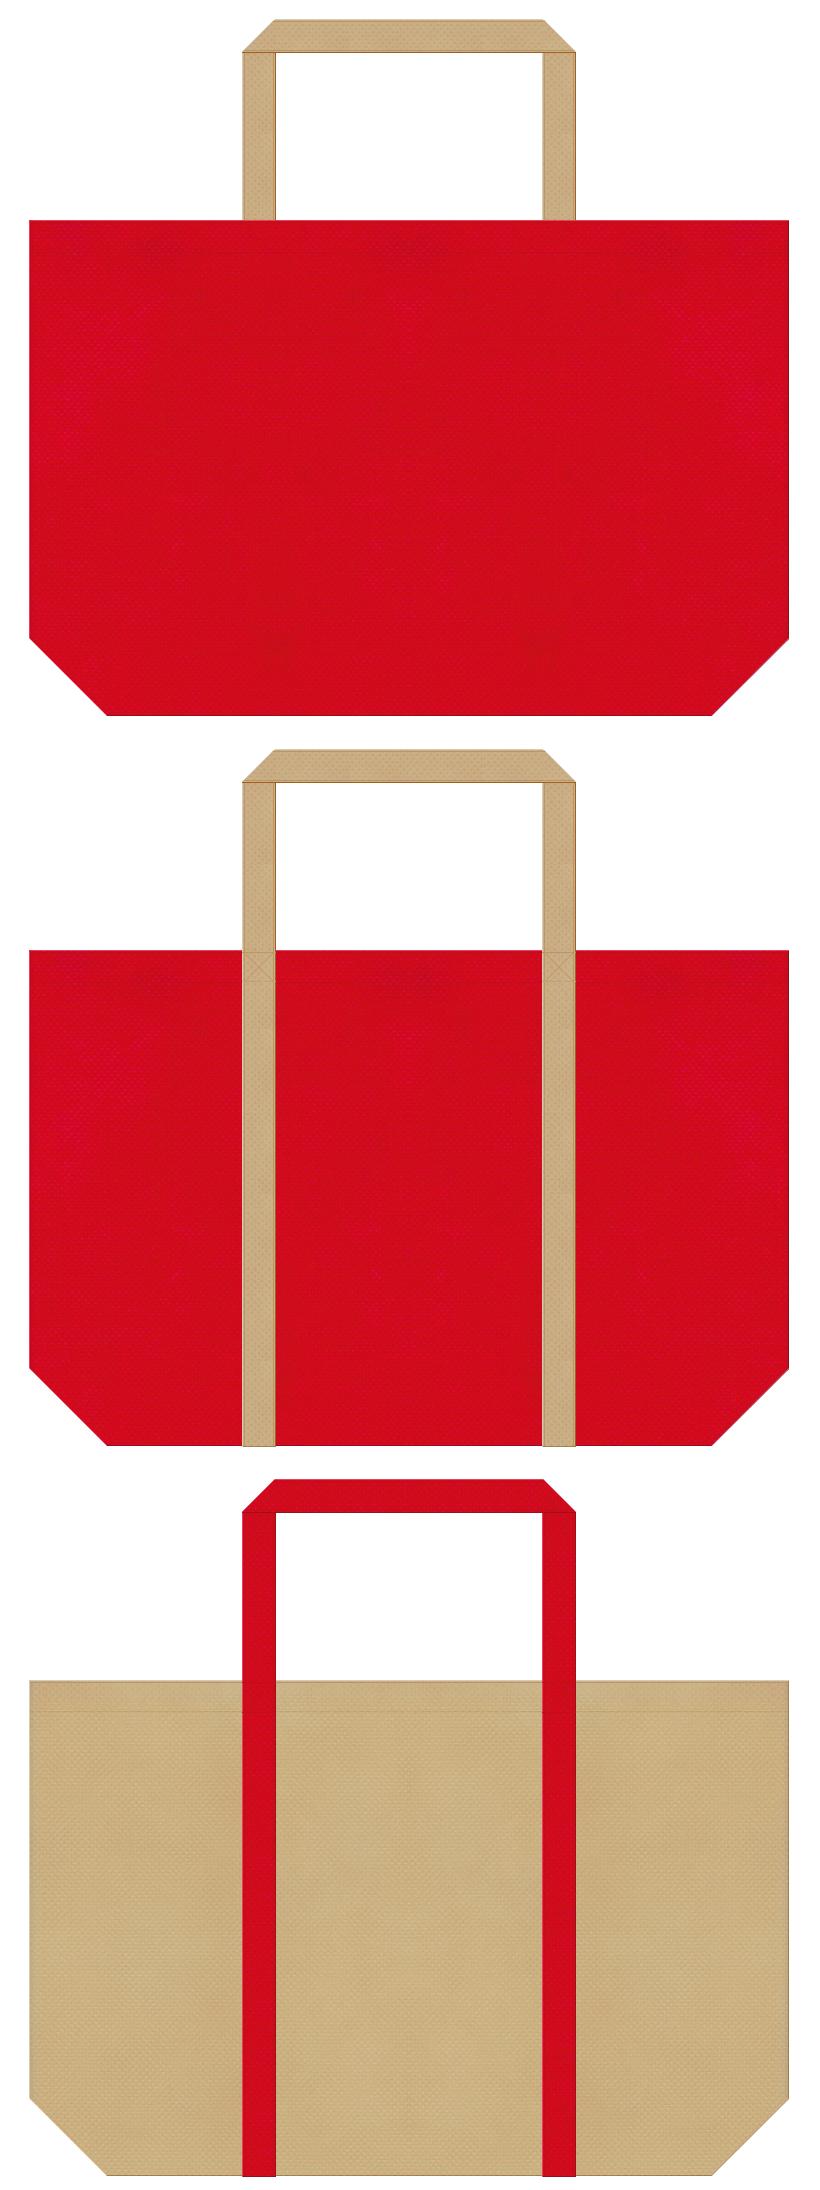 赤鬼・大豆・一合枡・野点傘・茶会・お祭り・和風催事・節分セールのショッピングバッグにお奨めの不織布バッグデザイン:紅色とカーキ色のコーデ